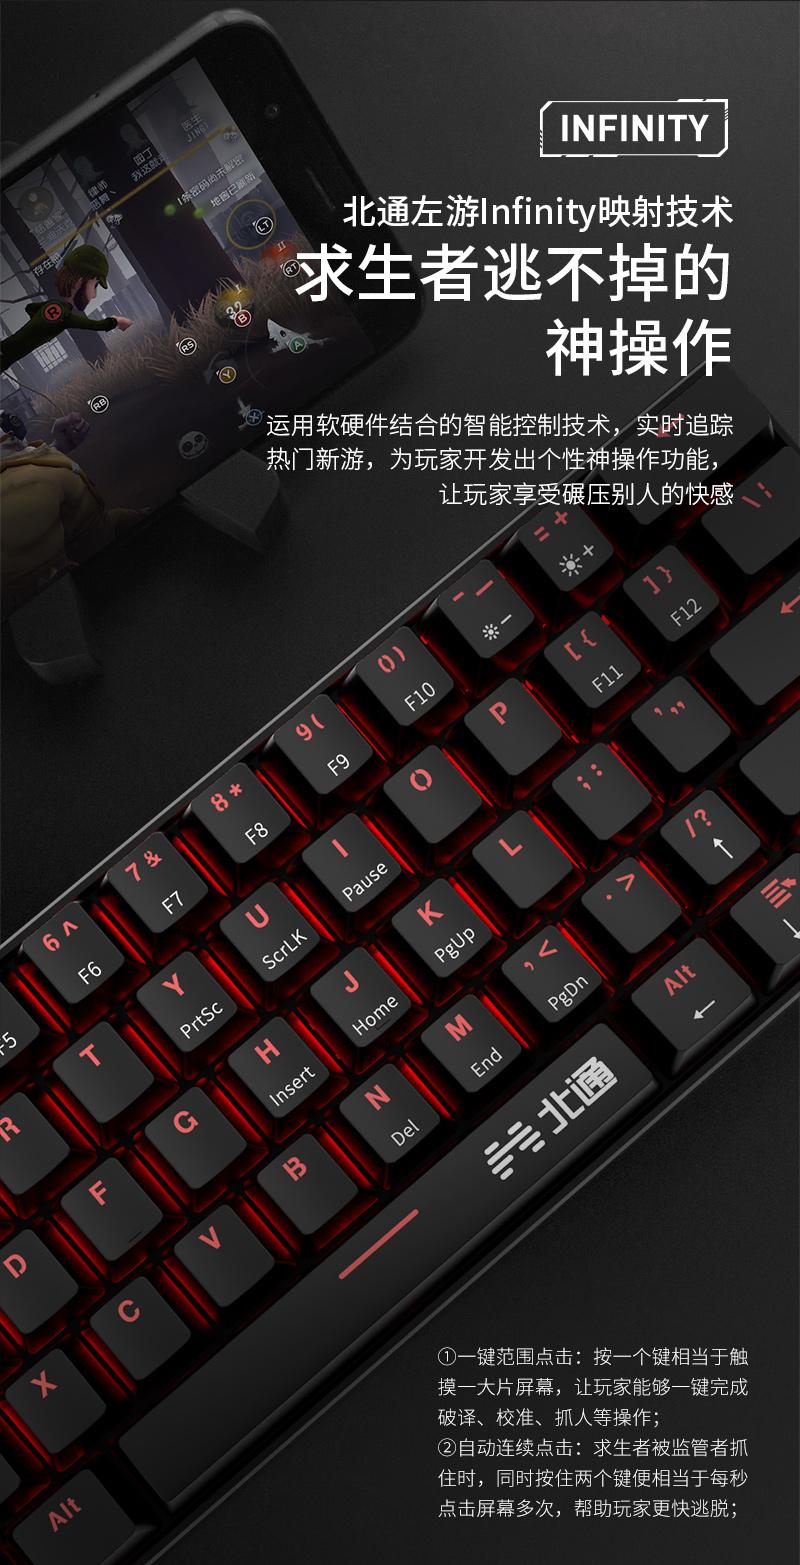 北通K1手游键盘导购页-淘宝(终稿)_07.jpg